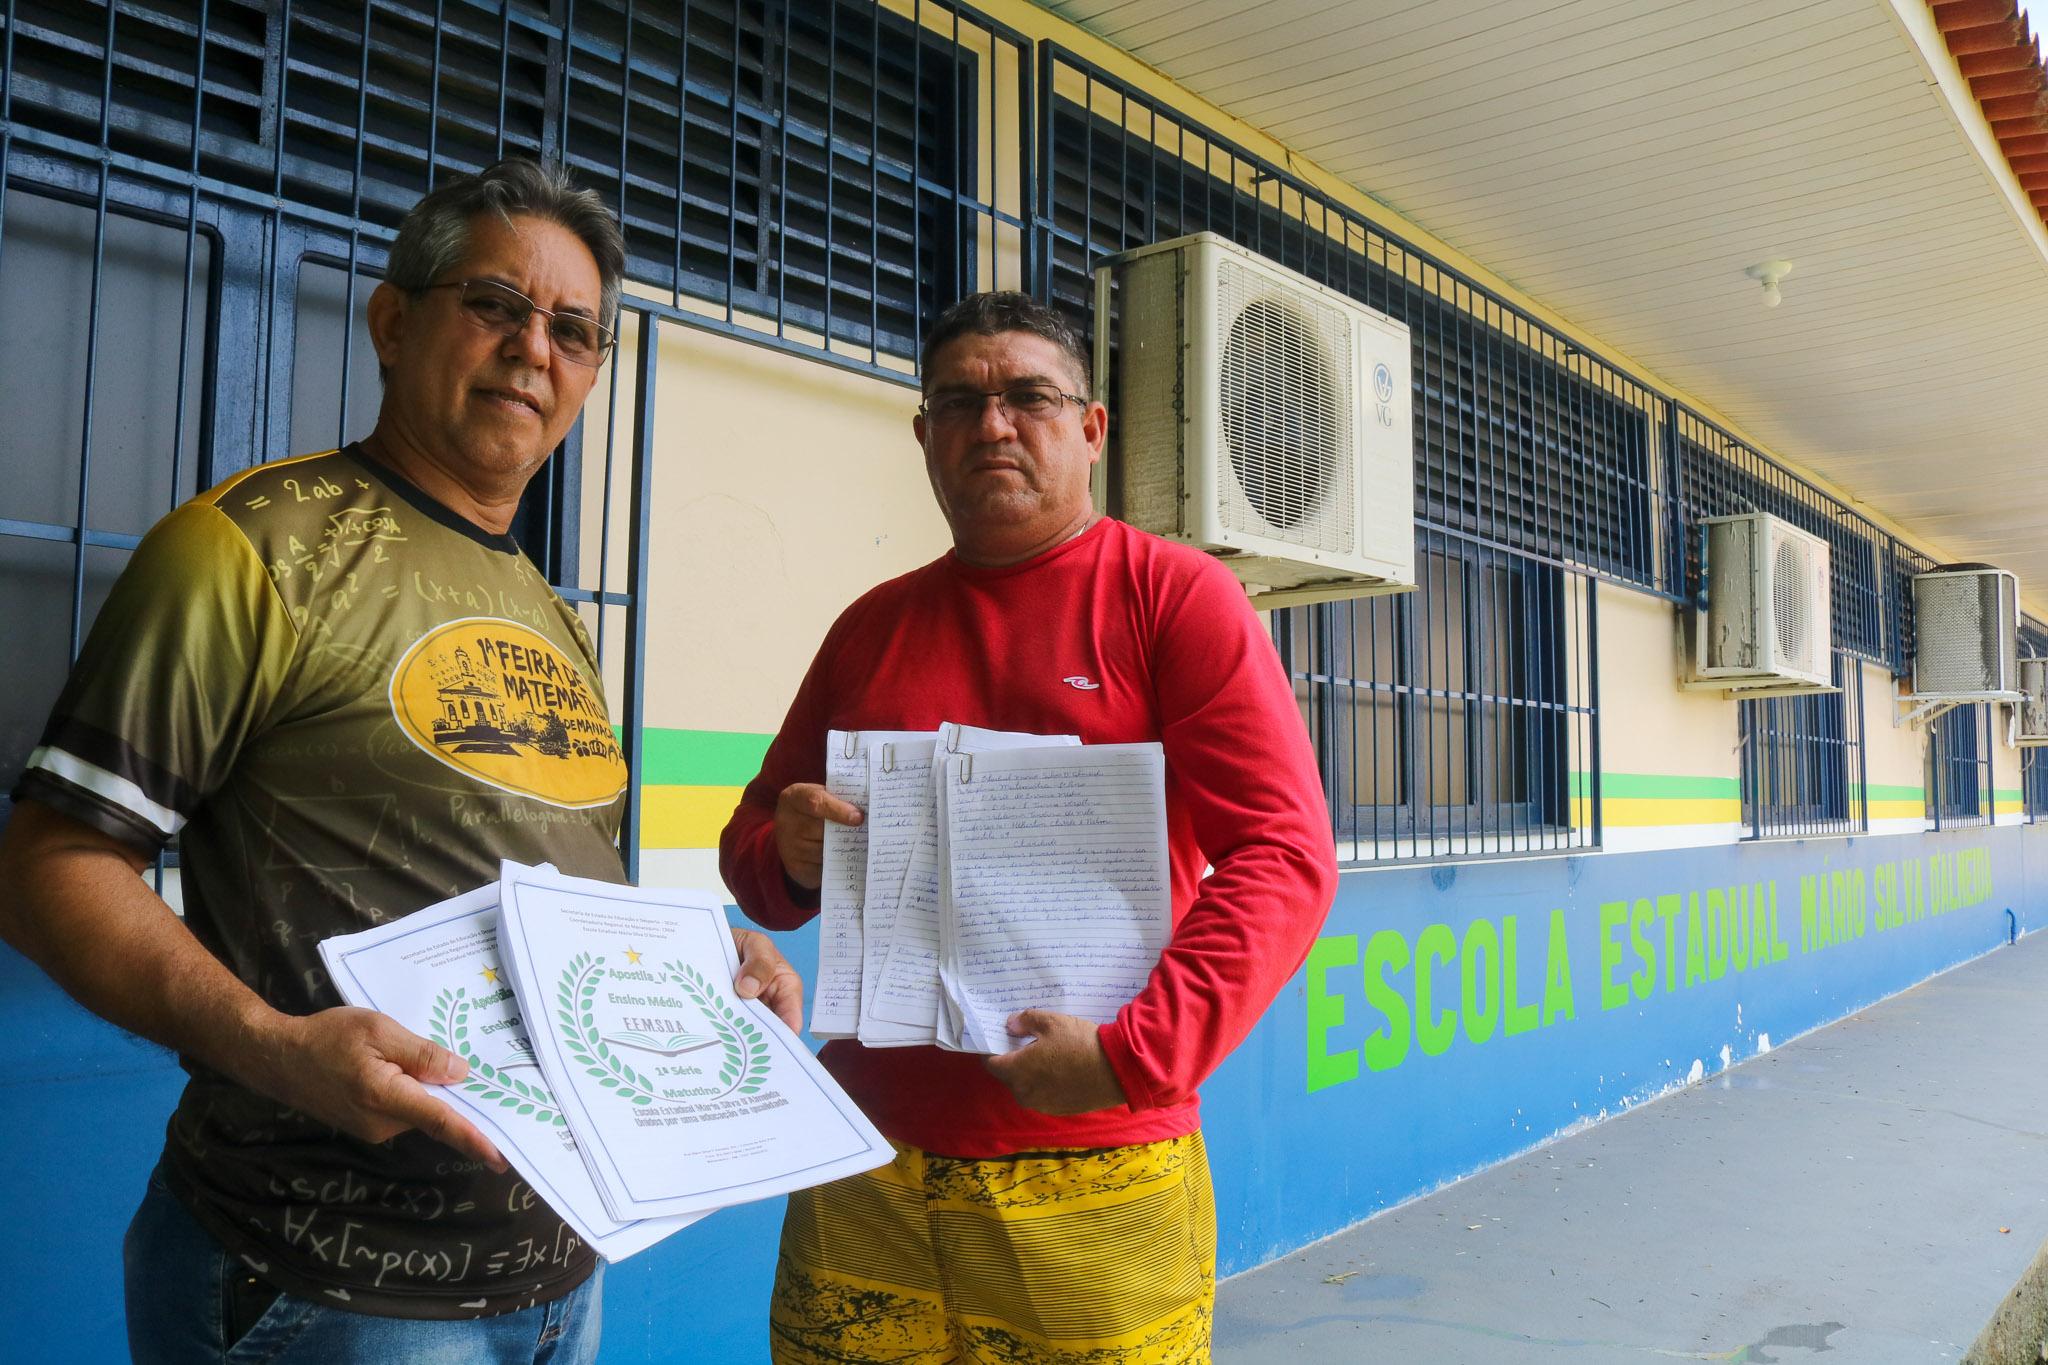 O professor Hayrson (à direita) com o gestor Mackson e as apostilas: entregador de apostilas com aulas improvisadas nas comunidades isoladas (Foto: Bruno Tadeu)